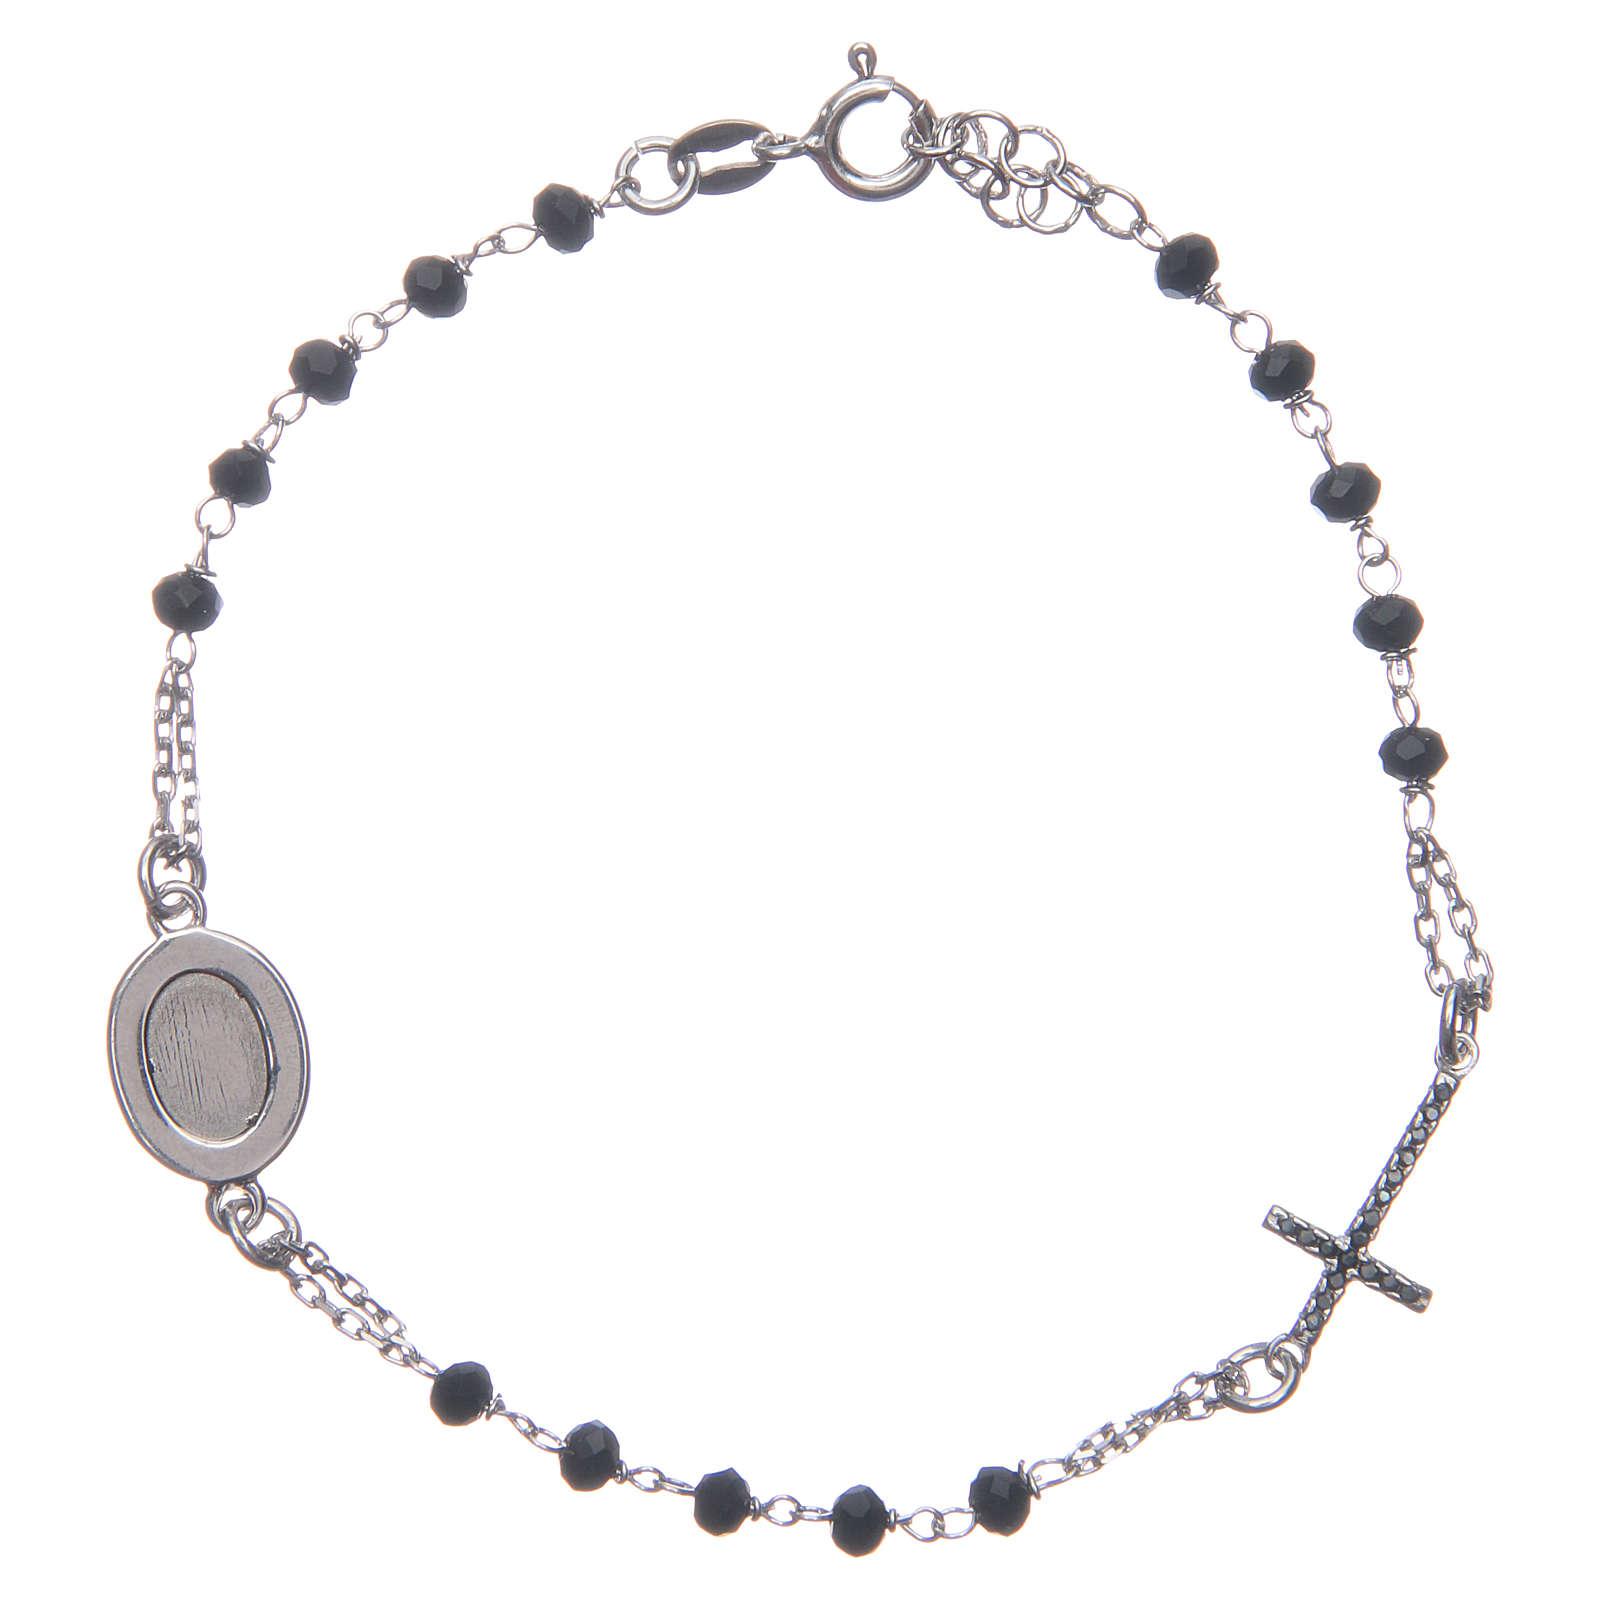 Bracciale rosario Padre Pio nero zirconi neri argento 925 4